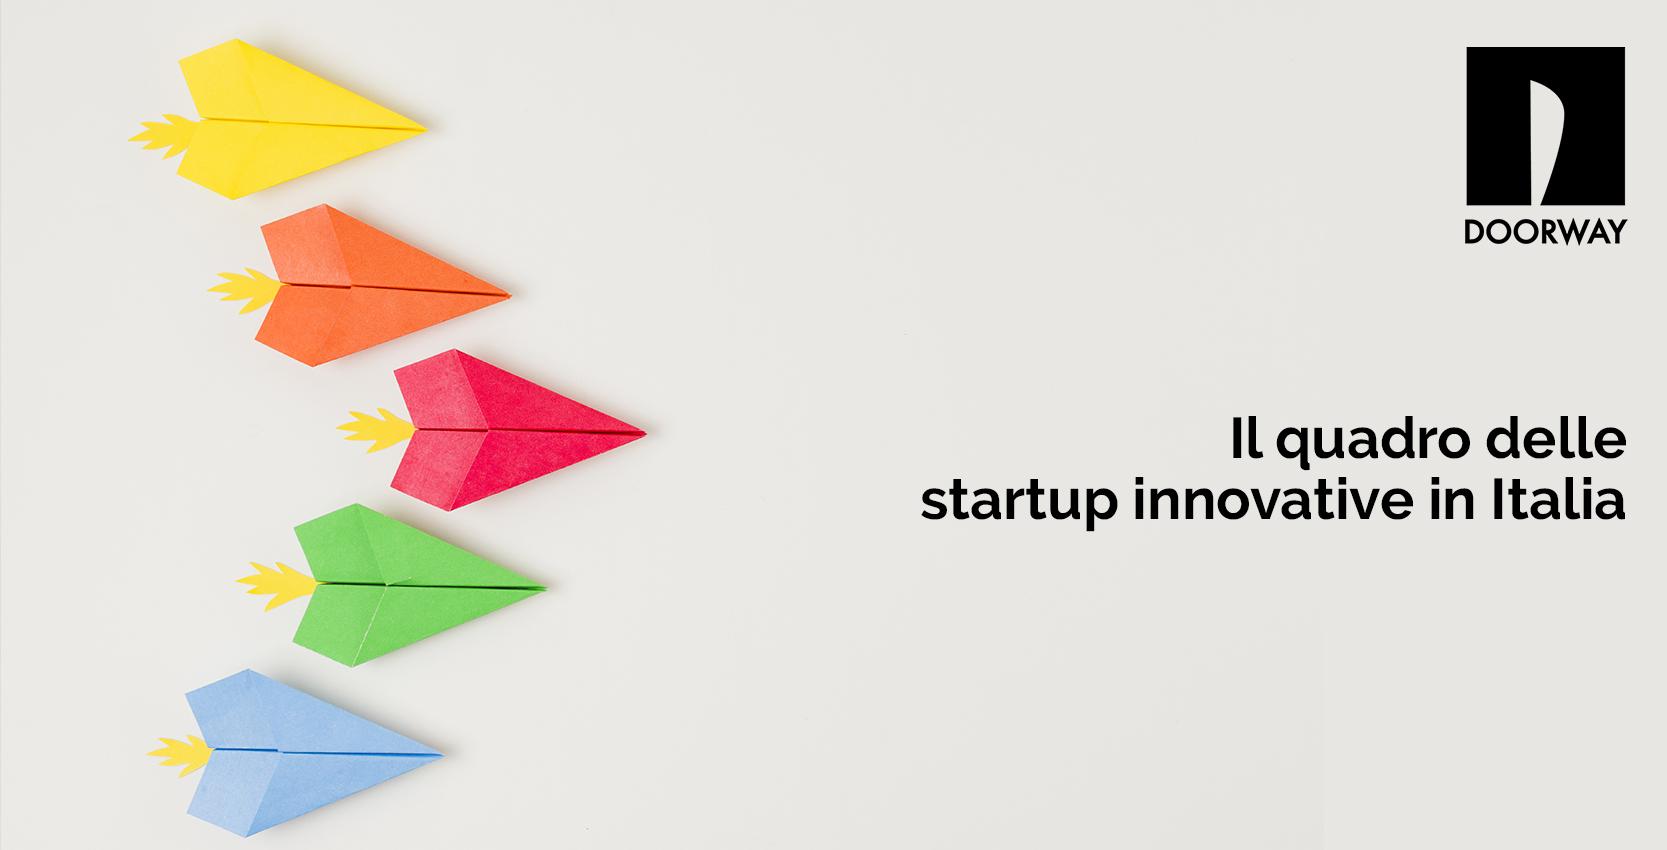 Il quadro dellel startup innovative italiane